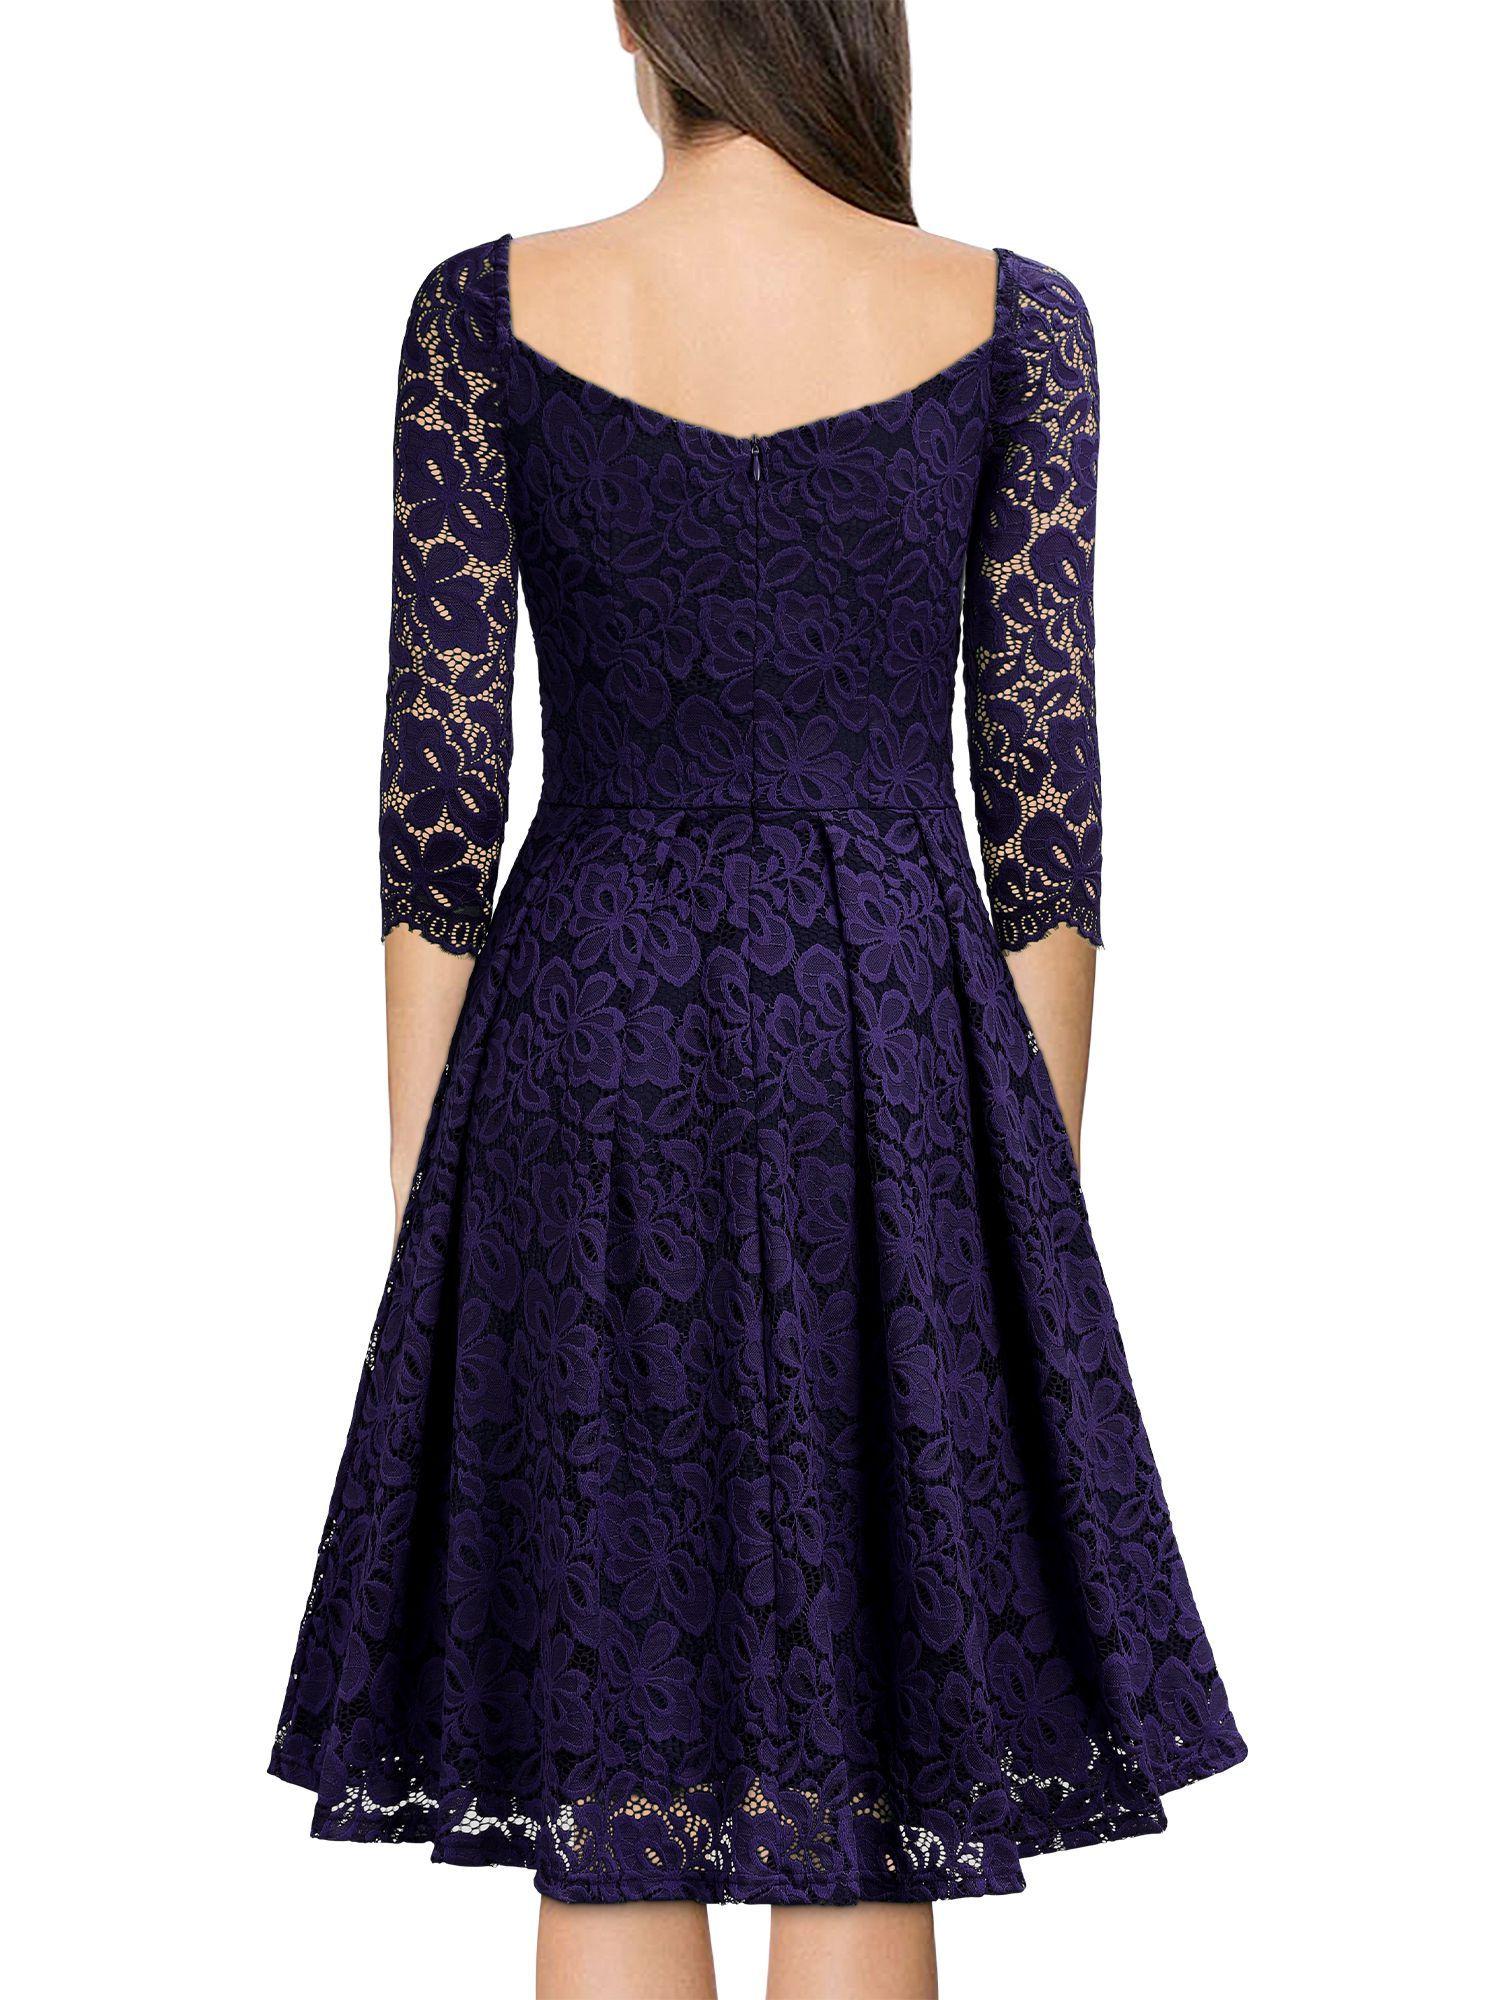 Women S Vintage Floral Lace Dresses Evening Cocktail Party 1950s Swing Dresses Navy Blue Xl Ad Lace 1950s Swing Dress Lace Party Dresses Floral Lace Dress [ 2000 x 1500 Pixel ]